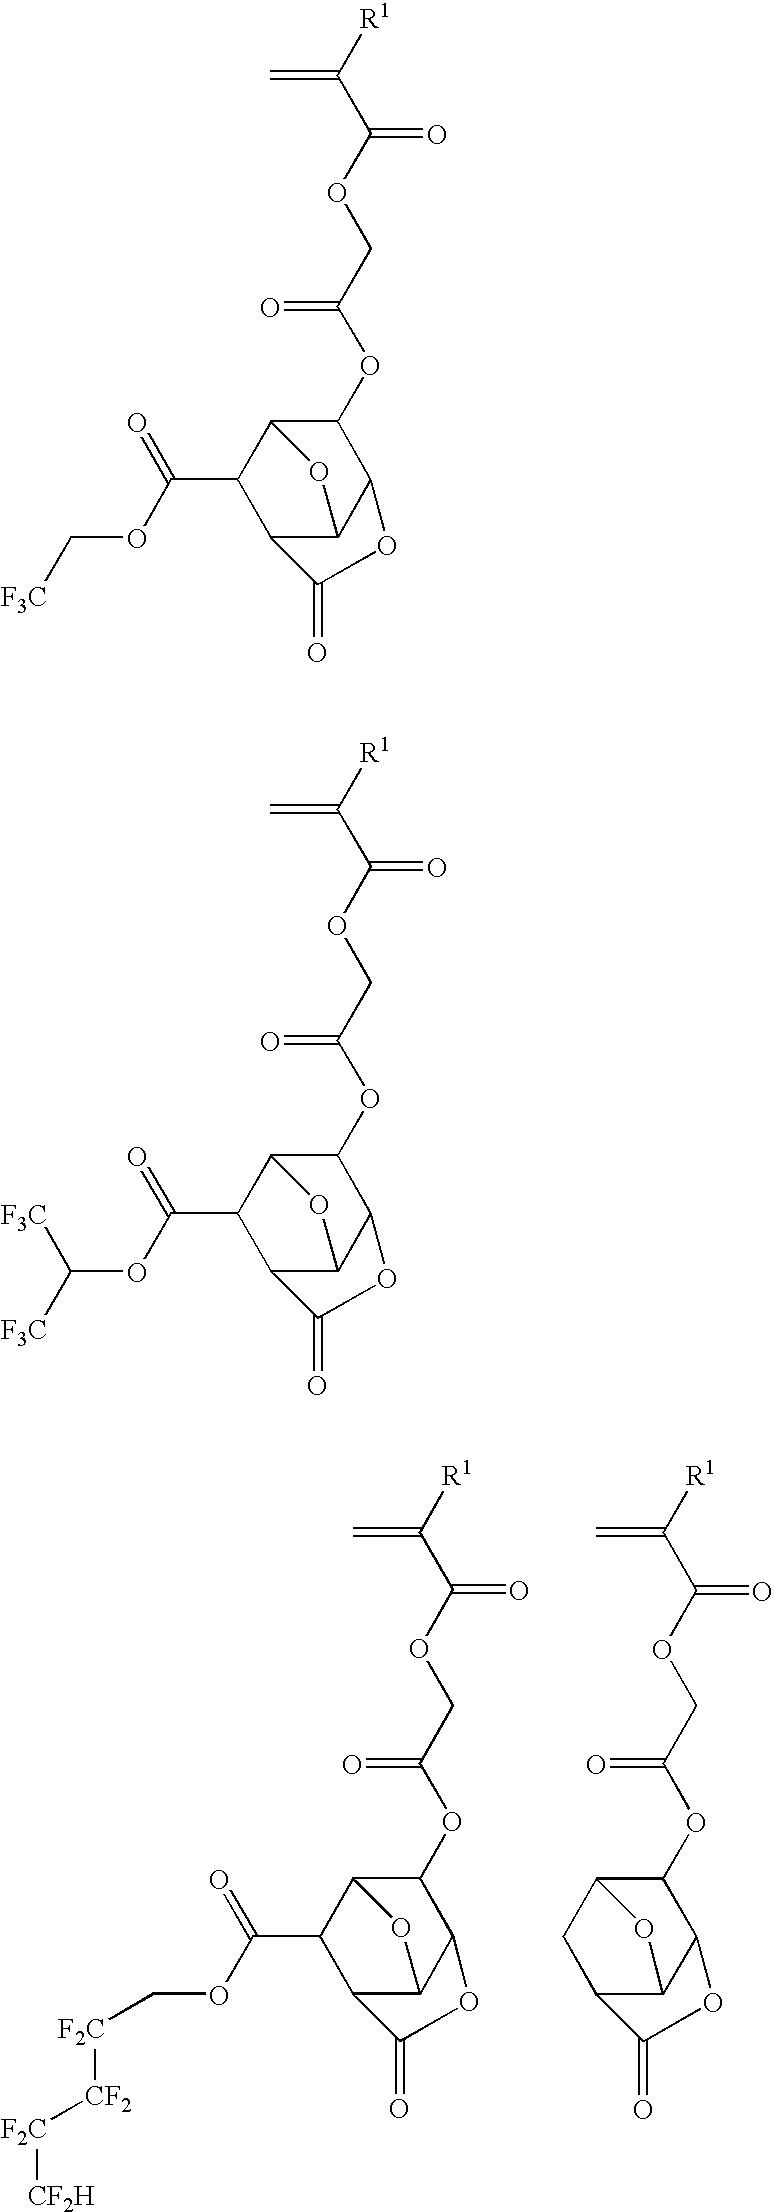 Figure US20080026331A1-20080131-C00016